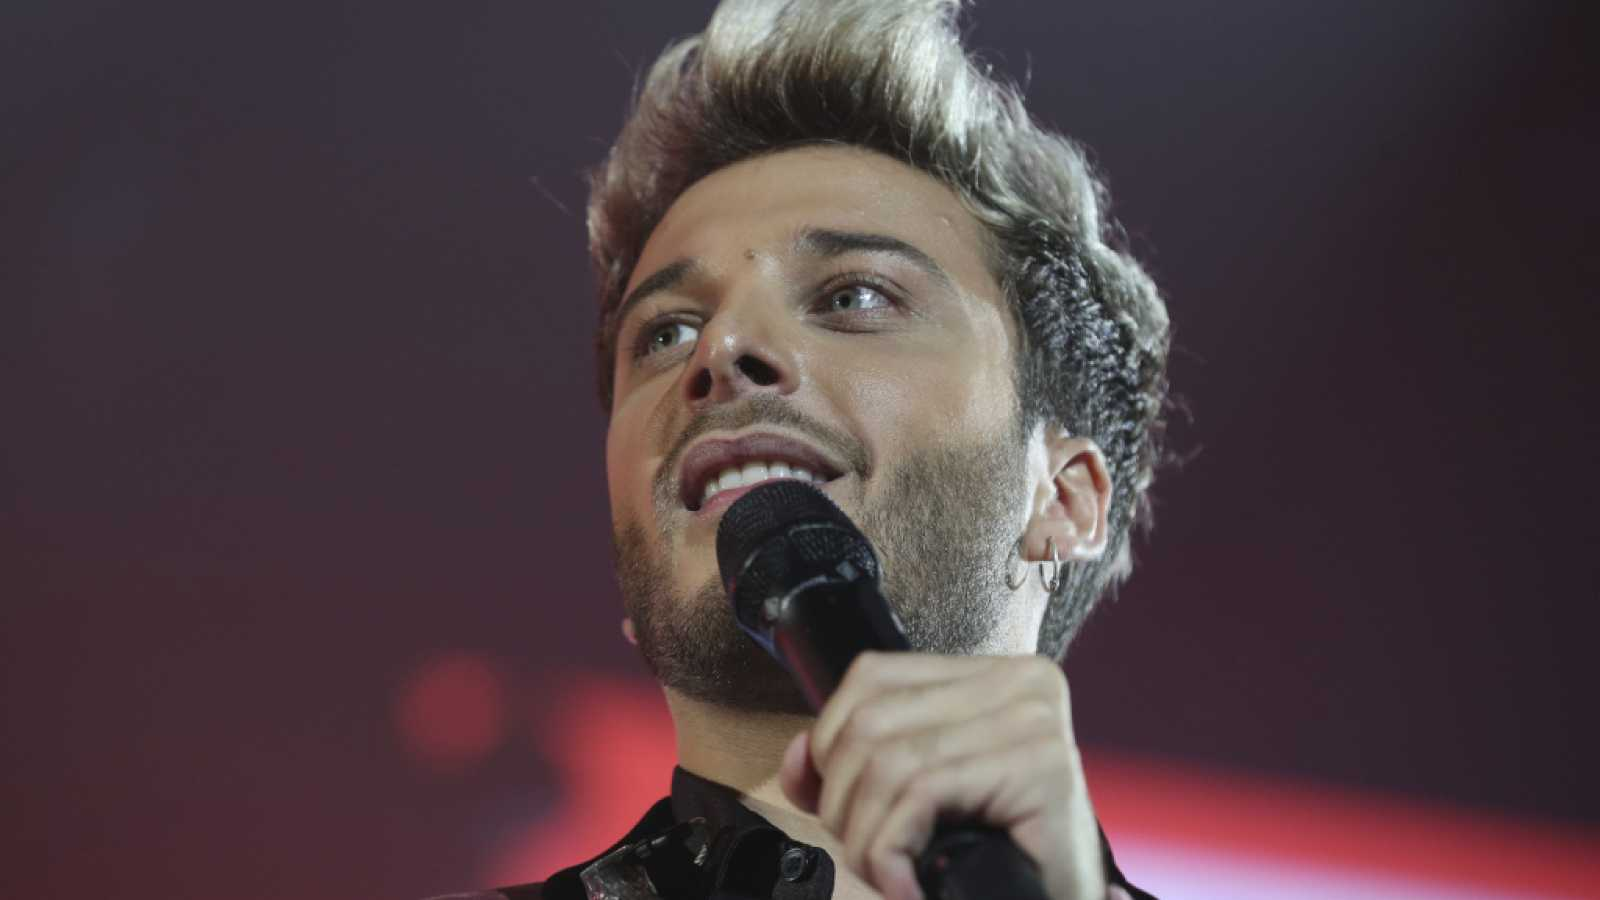 Blas Cantó, representante español en Eurovisión 2021